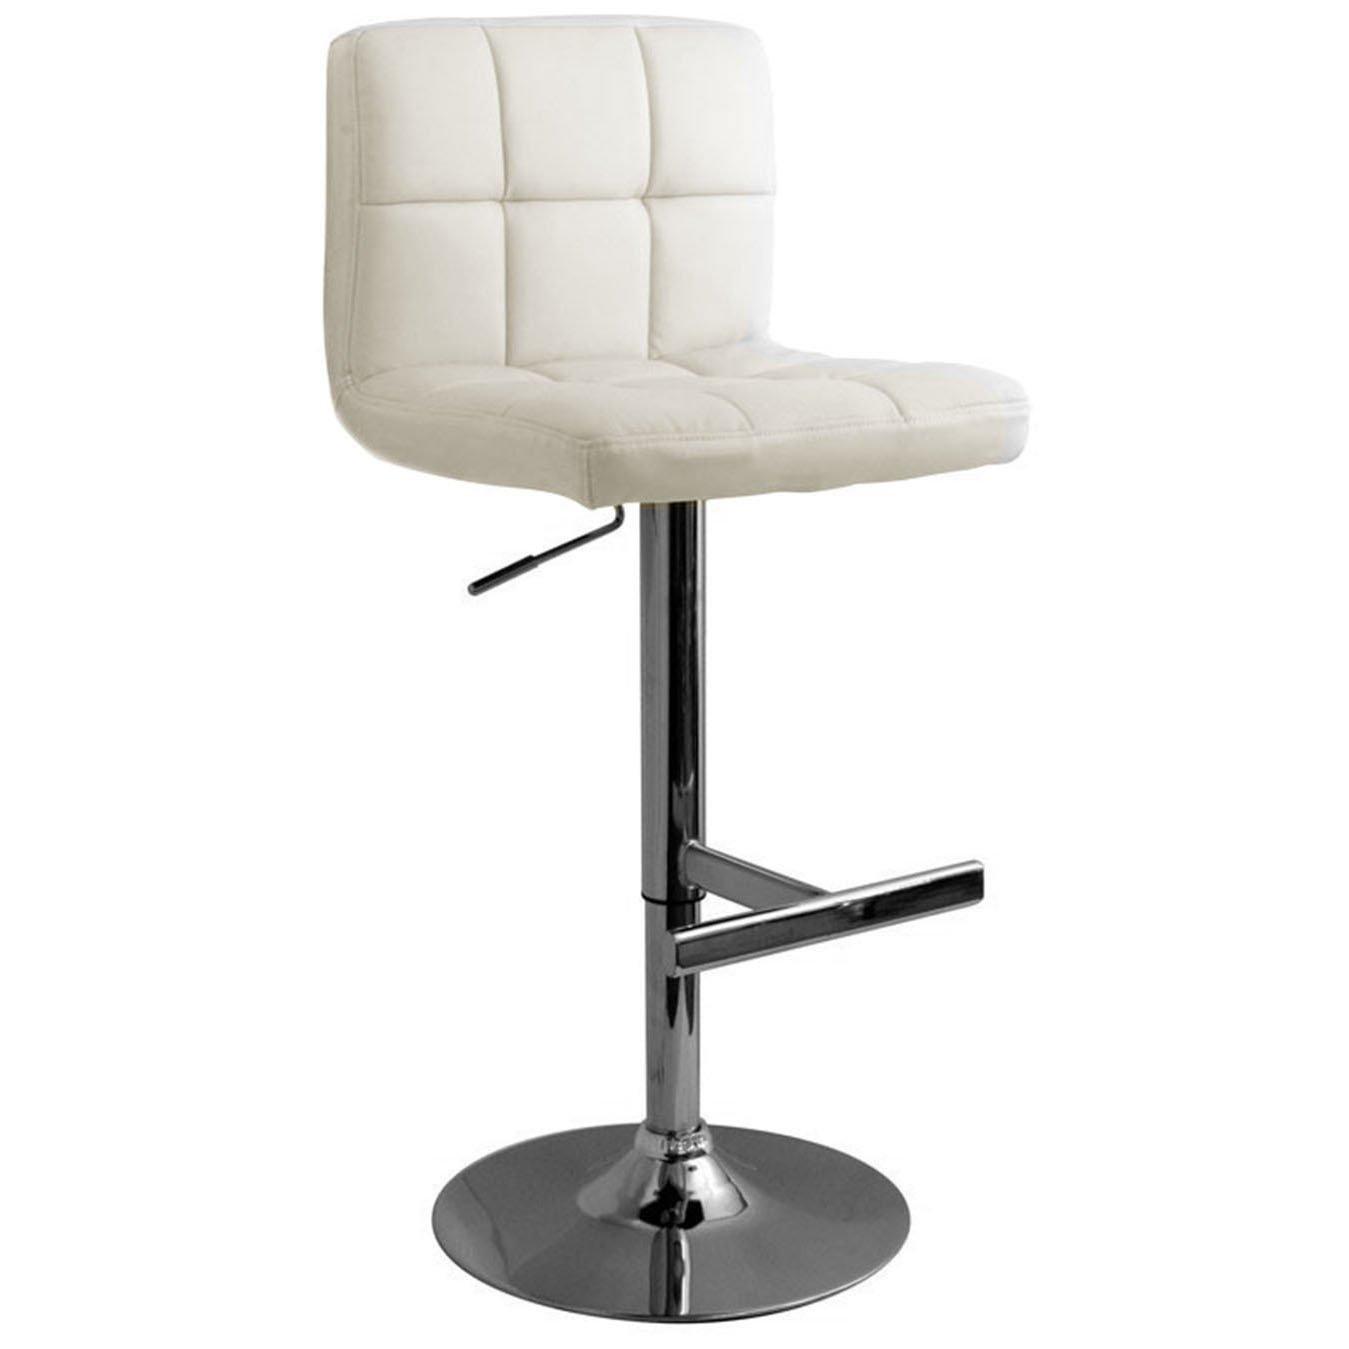 white leather kitchen bar stools island ikea allegro brushed stool size x 450mm